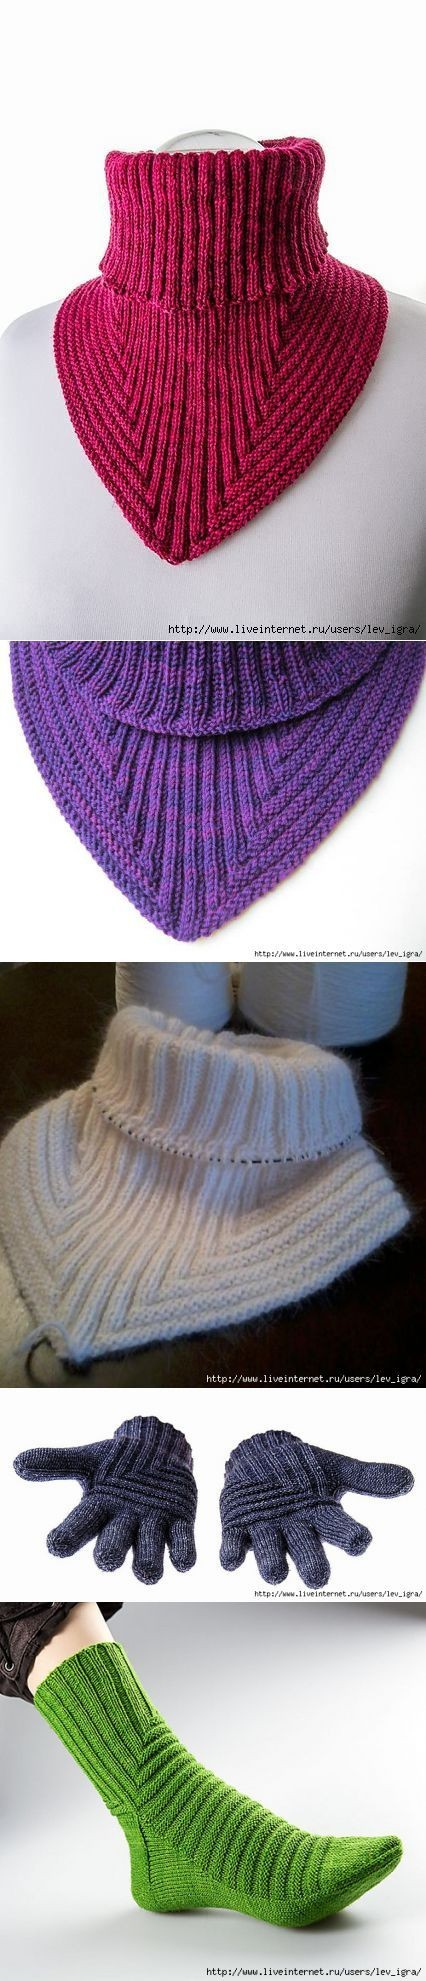 вязаный шарф, вязаное кружево, Вязаный край  красивый вязаный край узор вязание , вязаный фестон,  вязаная кромка, вязаная рюша, вязаные пурчатки